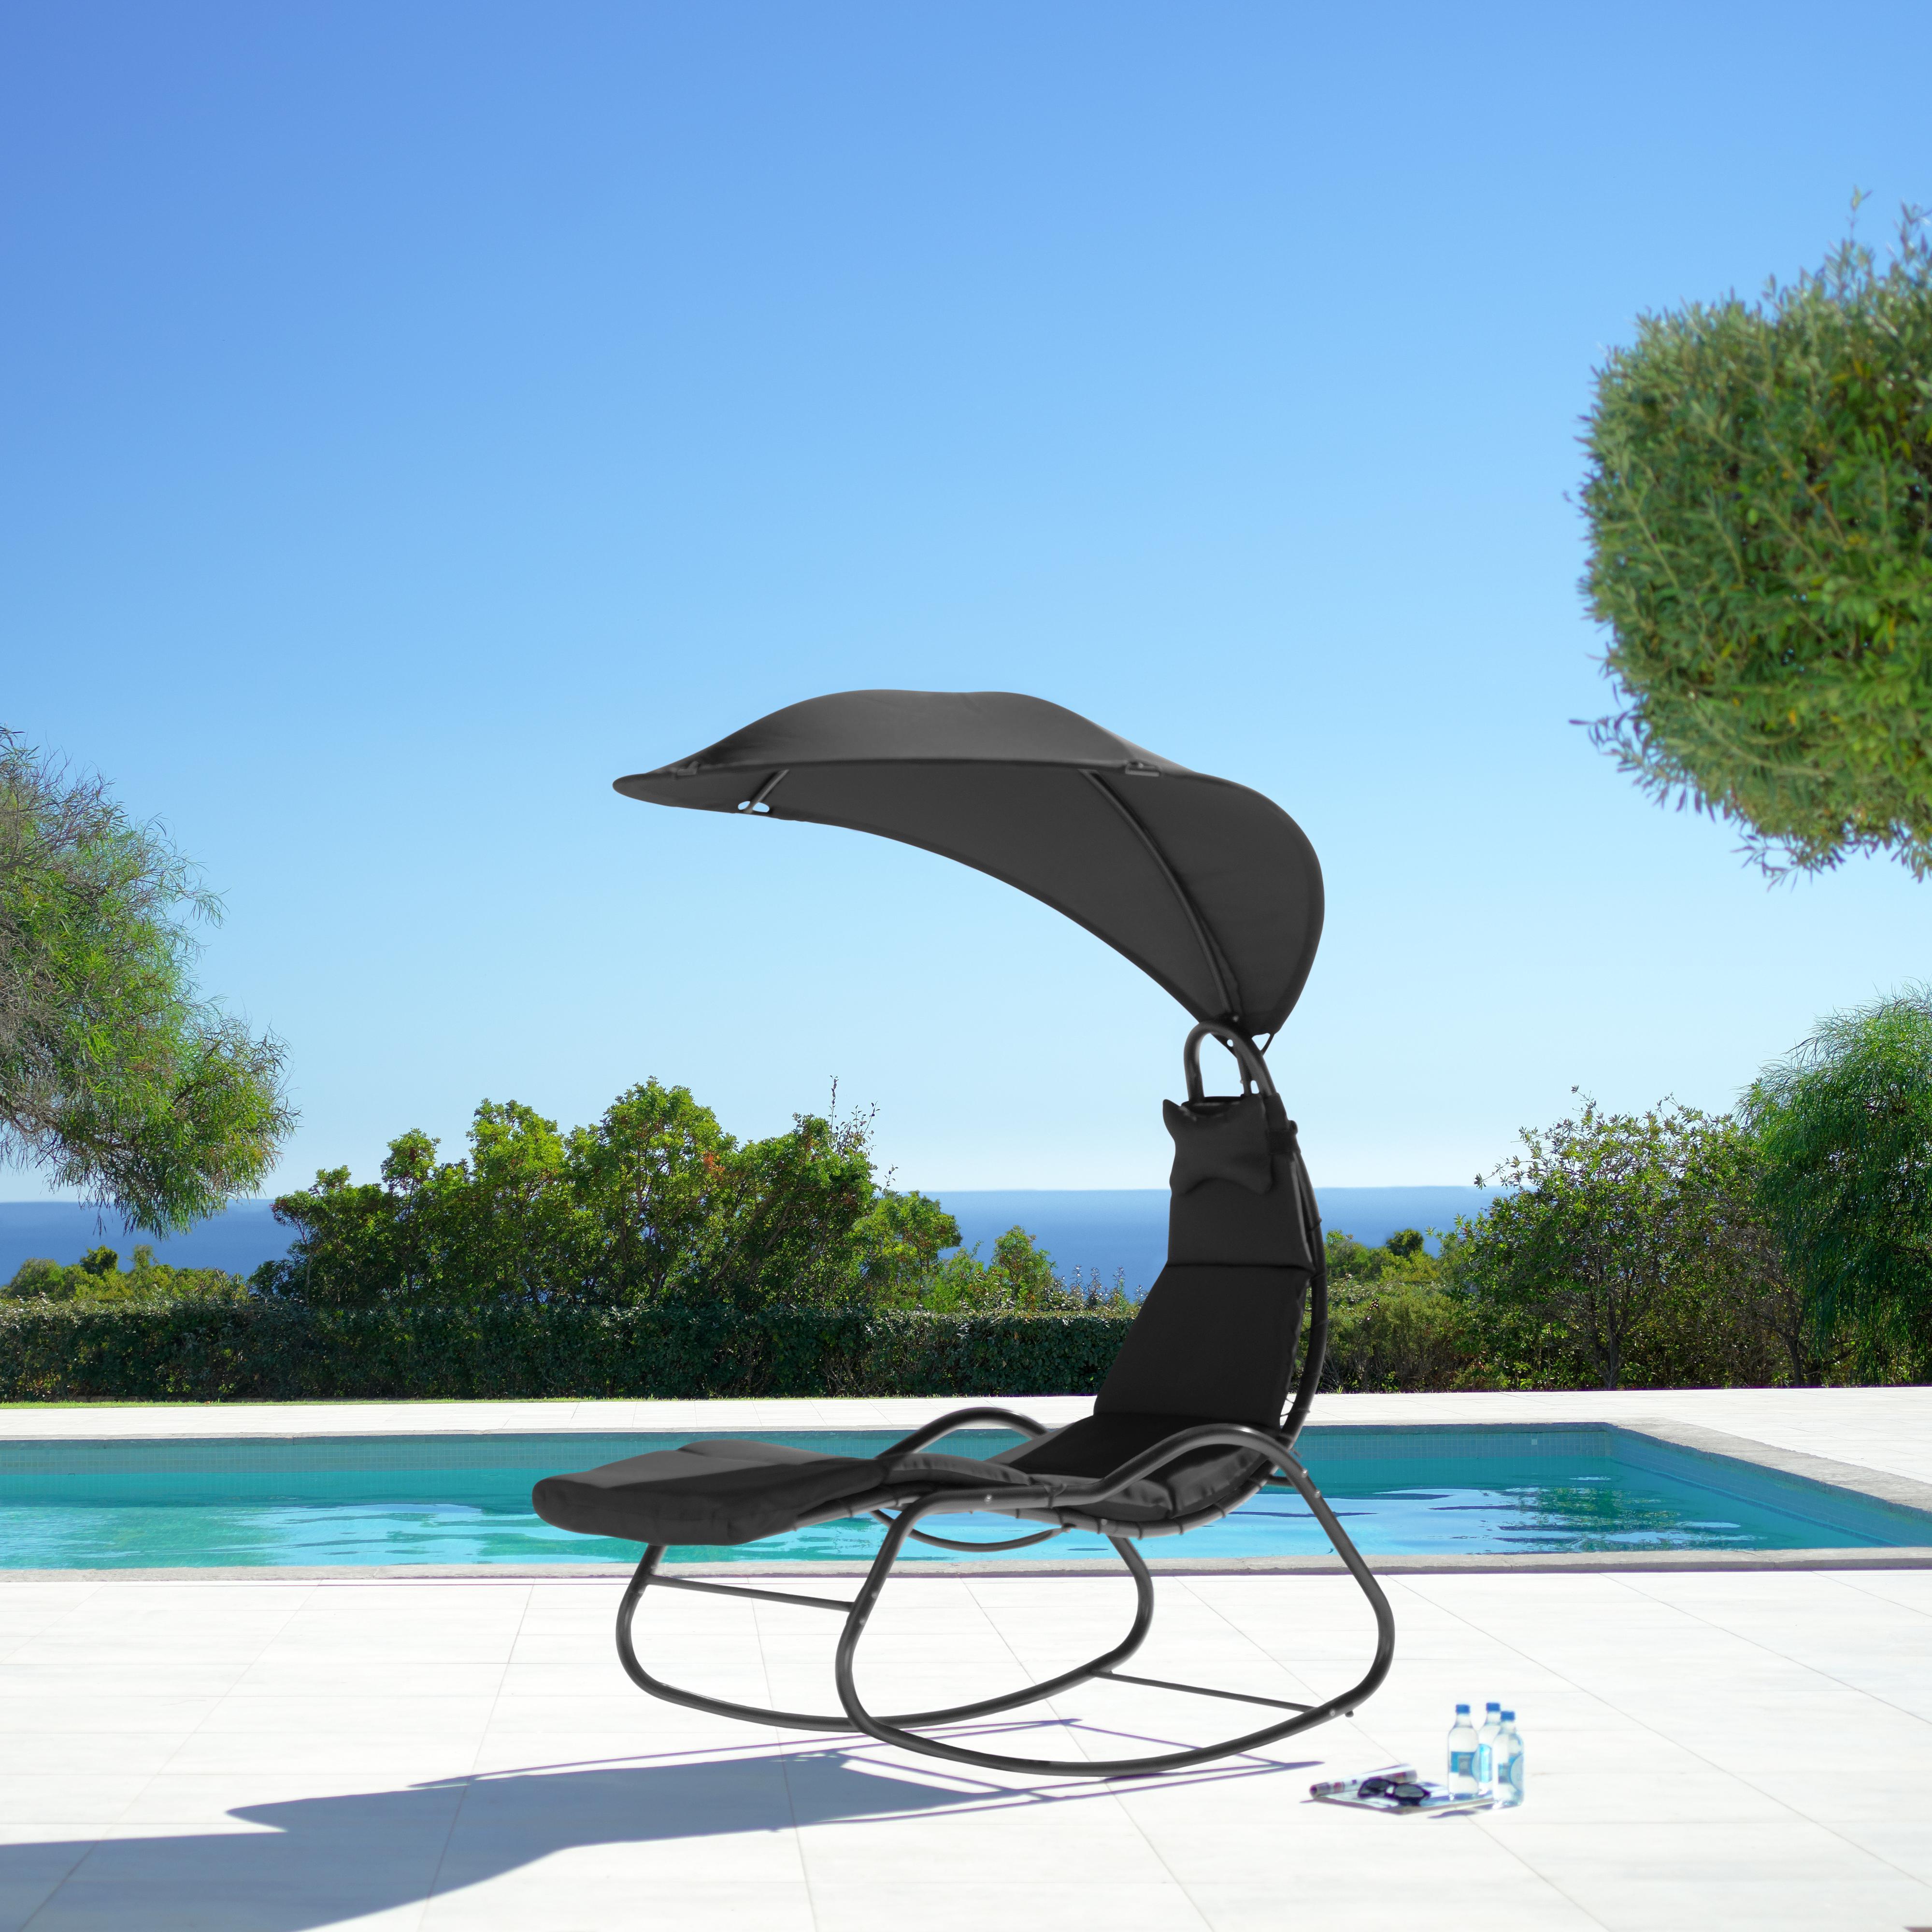 Gartelmöbelschnäppchen - Relaxsessel Cori, Gartenliege Kora (Lärchenholz) für 64,35 € / Duoschaukel, Hollywoodschaukel für 129,35 € @ Mömax